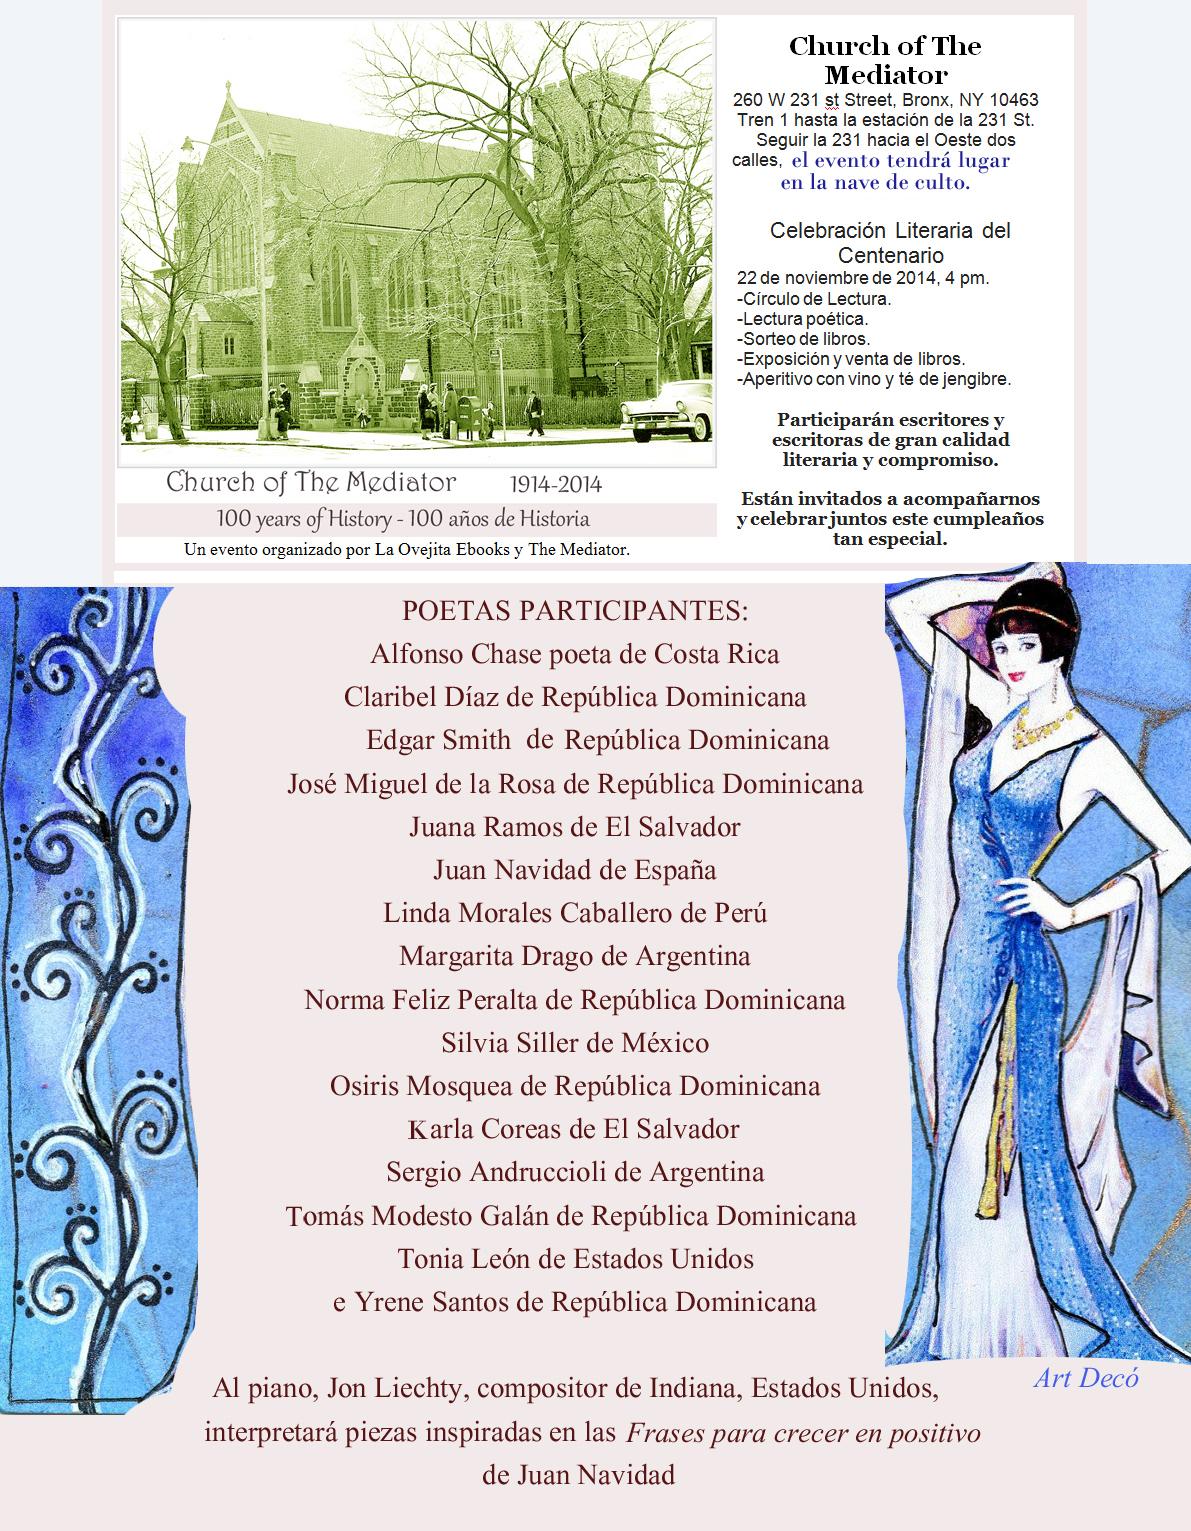 CARTEL COMPLETO con la lista de todos los autores y autoras participantes en el evento en El Mediador.